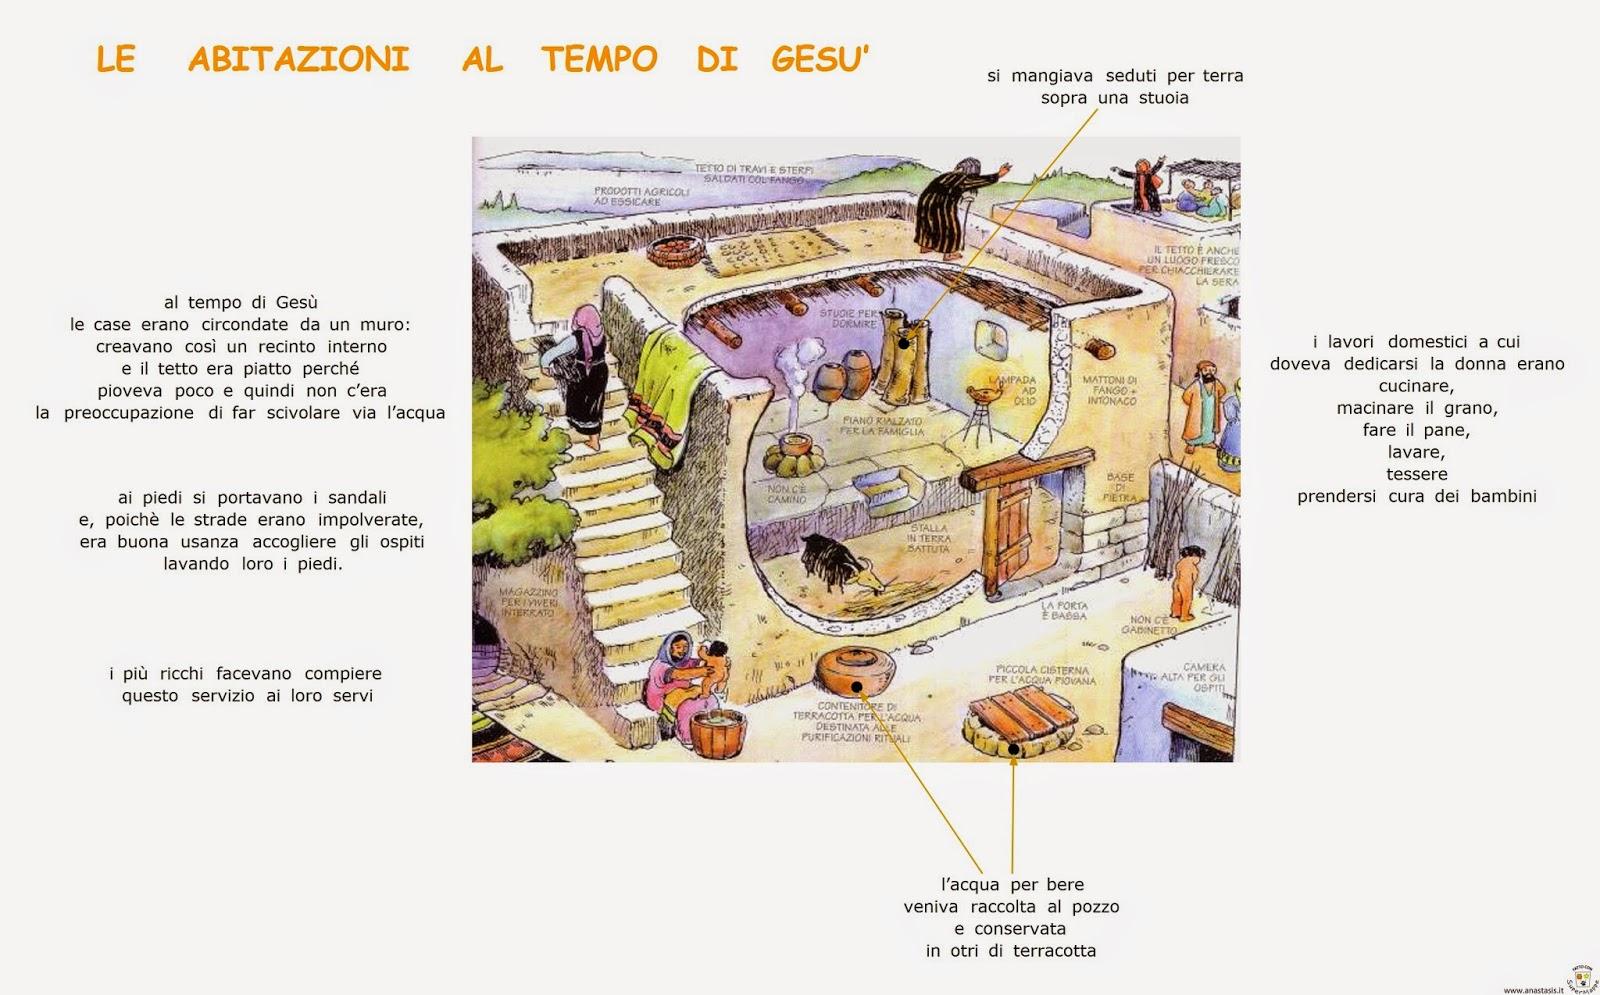 Favorito Paradiso delle mappe: Le abitazioni al tempo di Gesù FF23